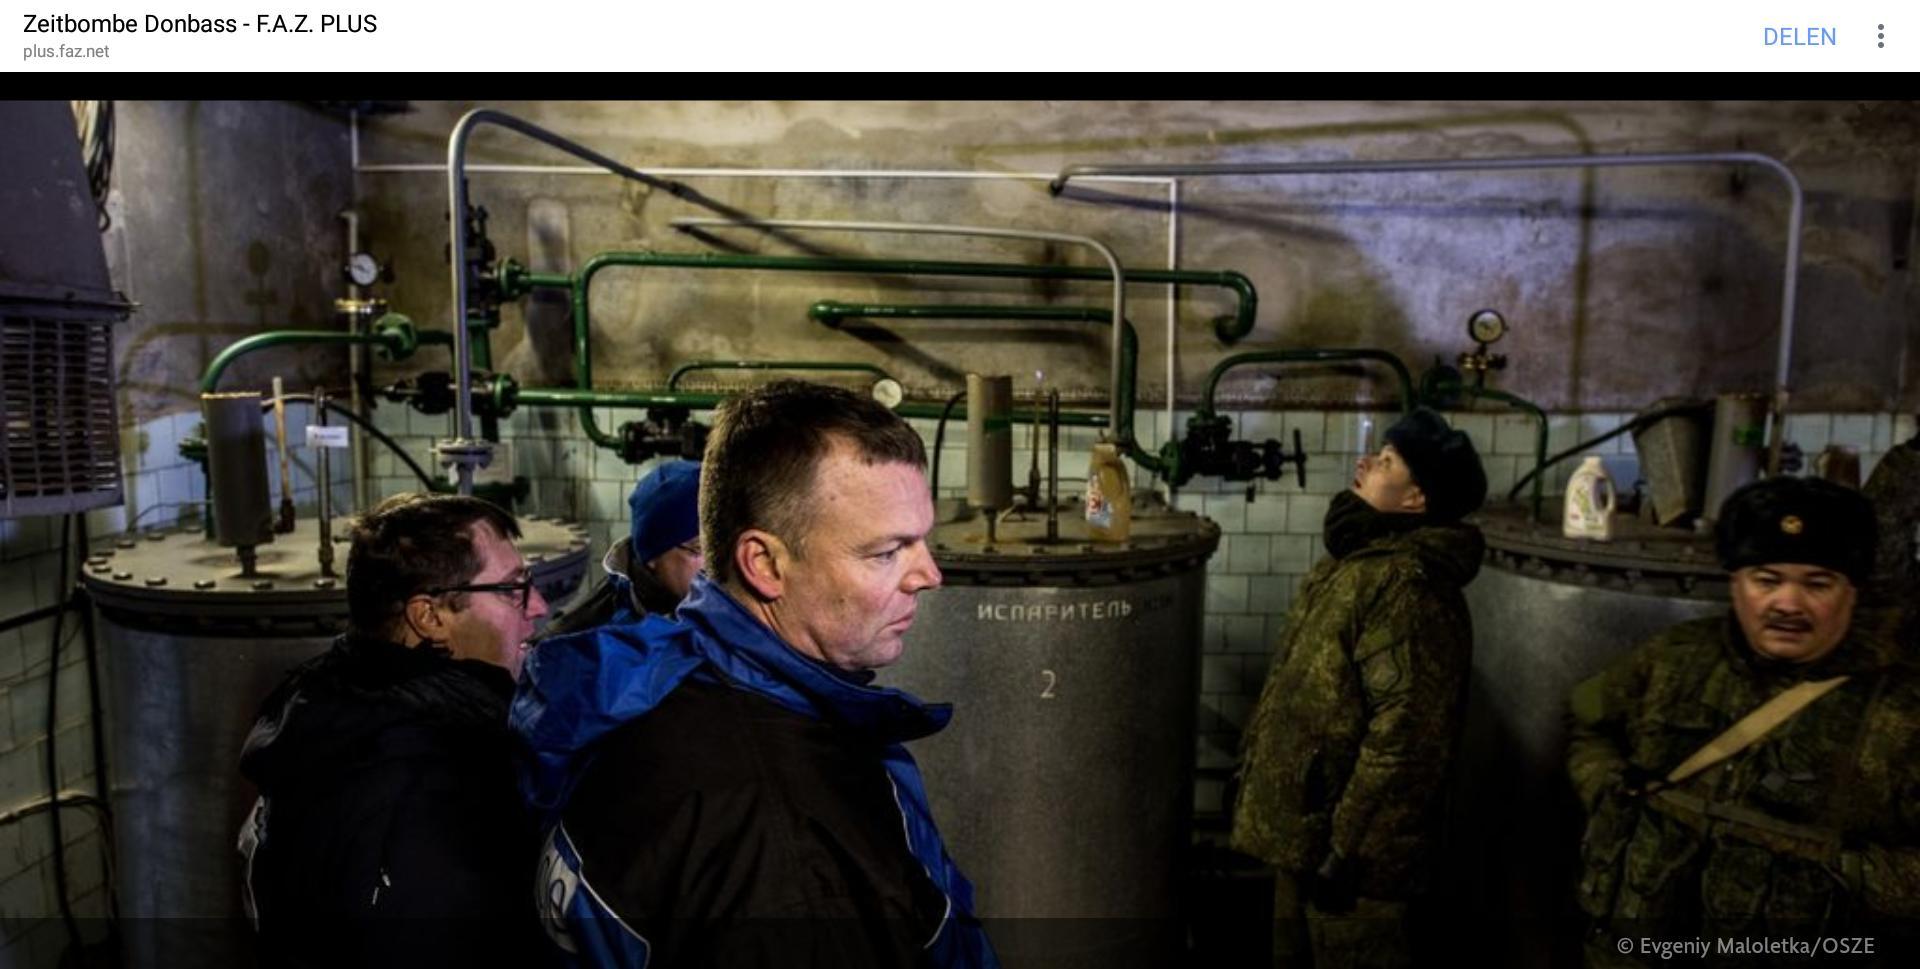 2017-11-11 Frankfurter Algemeine ++ Zeitbombe Donbass